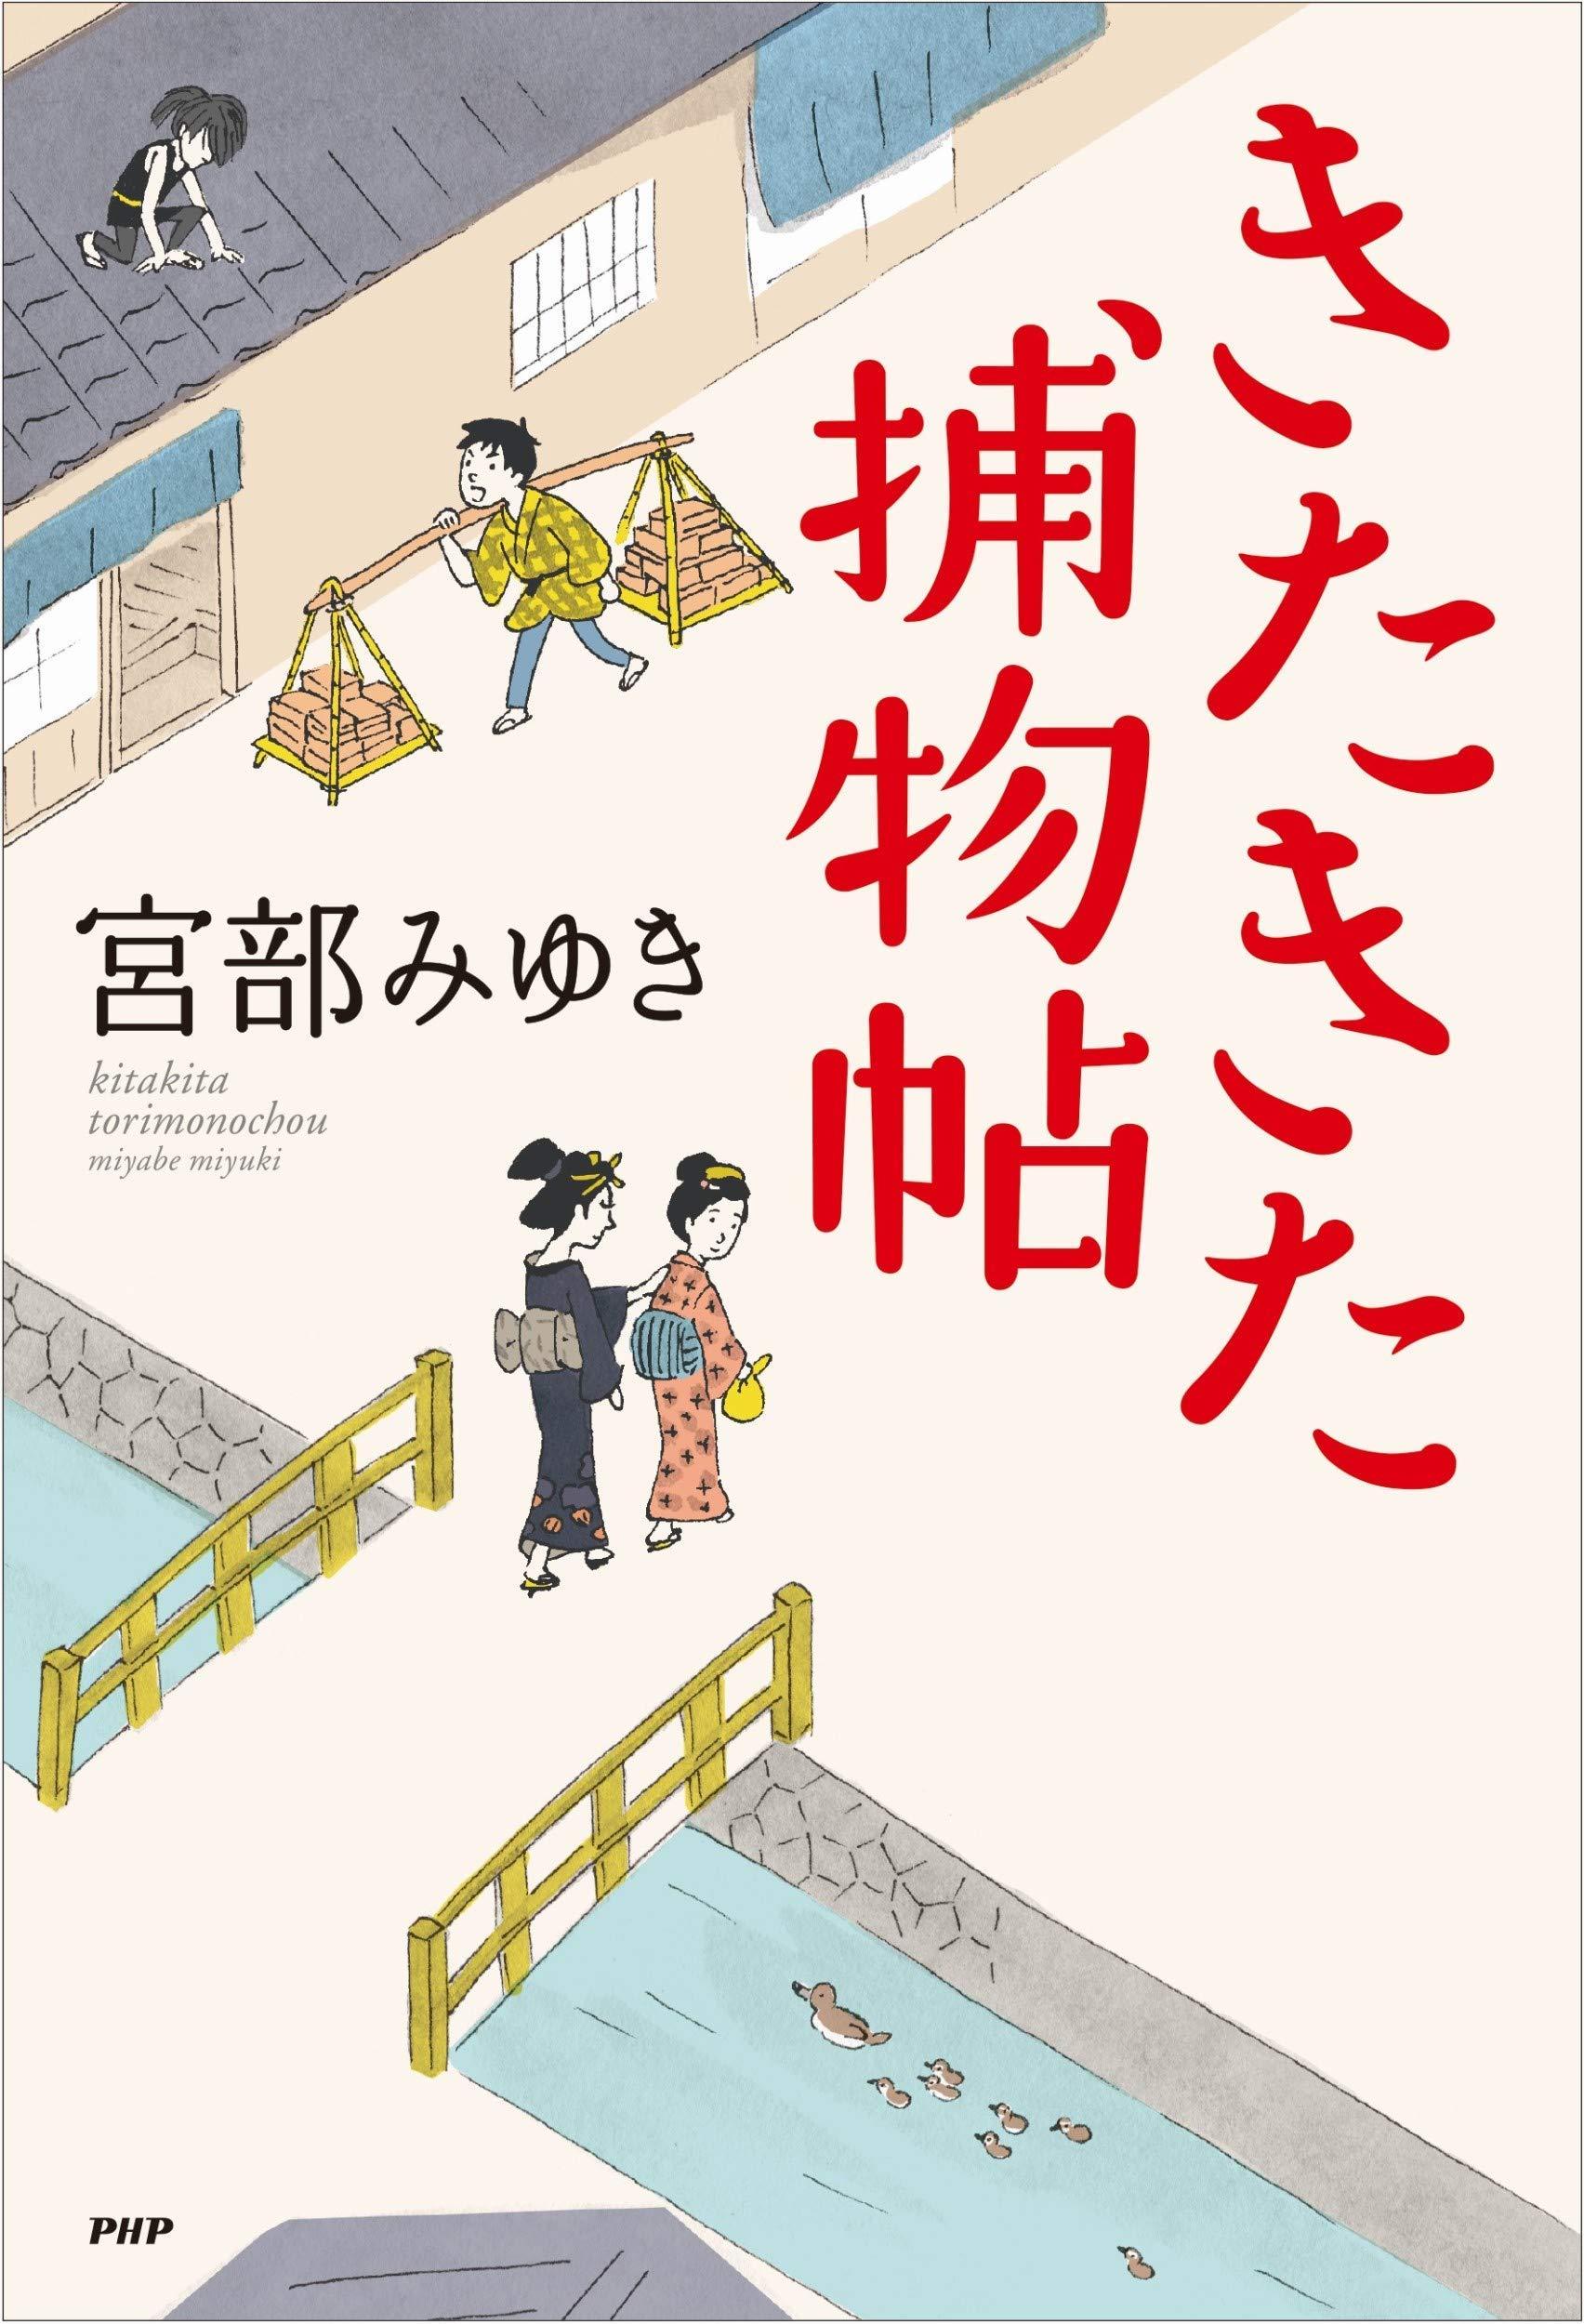 【書評】主人公の成長も楽しみな江戸時代ミステリ新シリーズ ~『きたきた捕物帖』